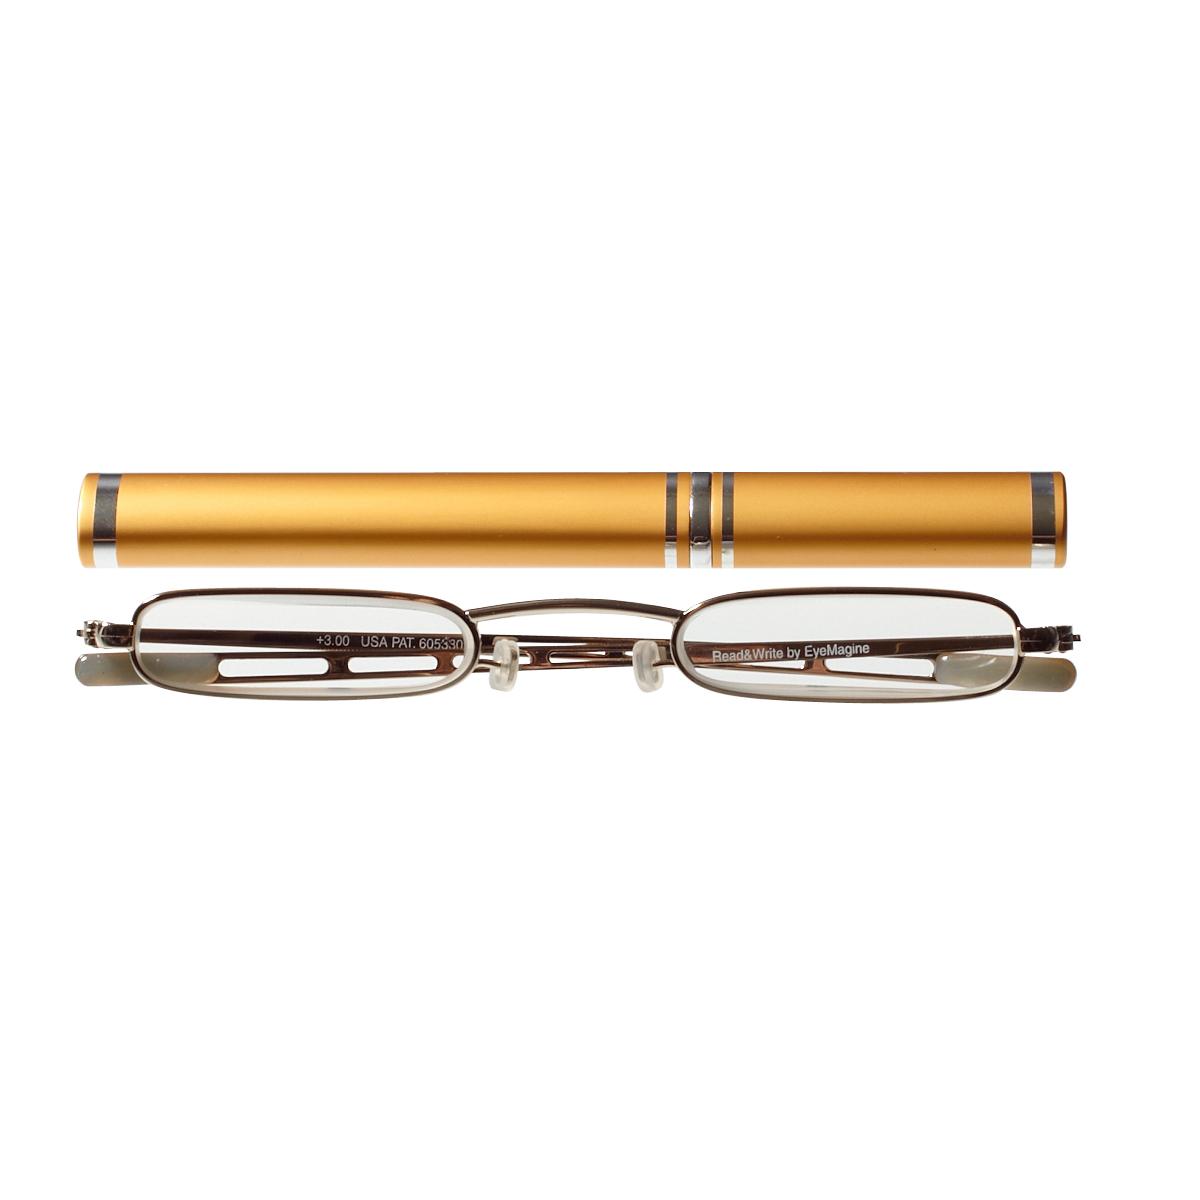 【老眼鏡】スレンダーアイズチューブ ゴールド(ゴールドケース)【アイマジン EYEMAGINE】【男性】【女性】【おしゃれ】【コンパクト】